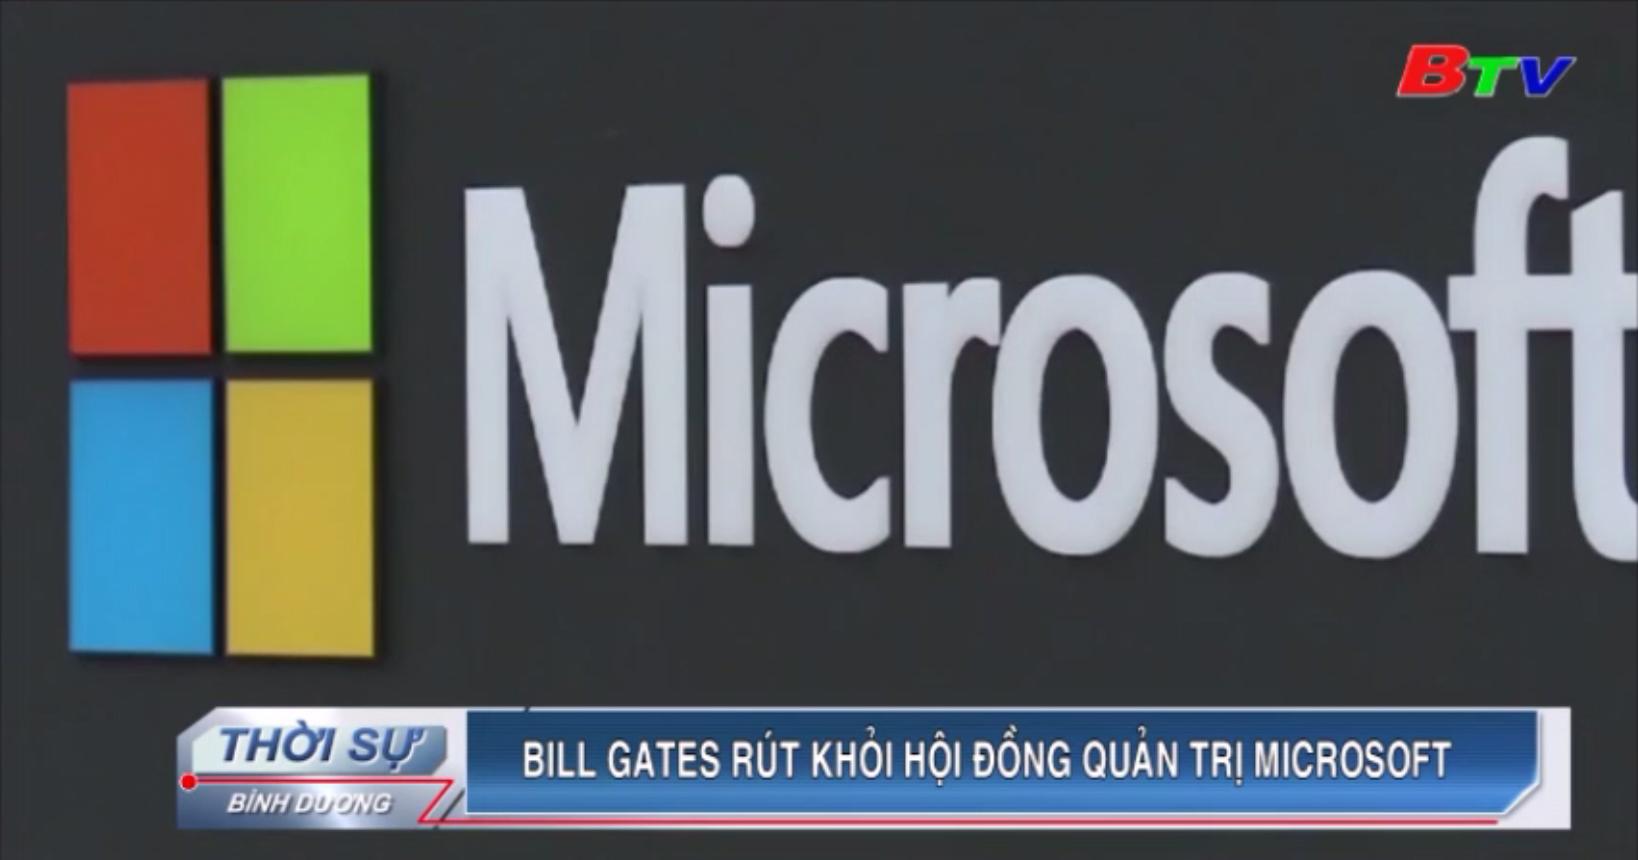 Bill Gates rút khỏi Hội đồng quản trị Microsoft